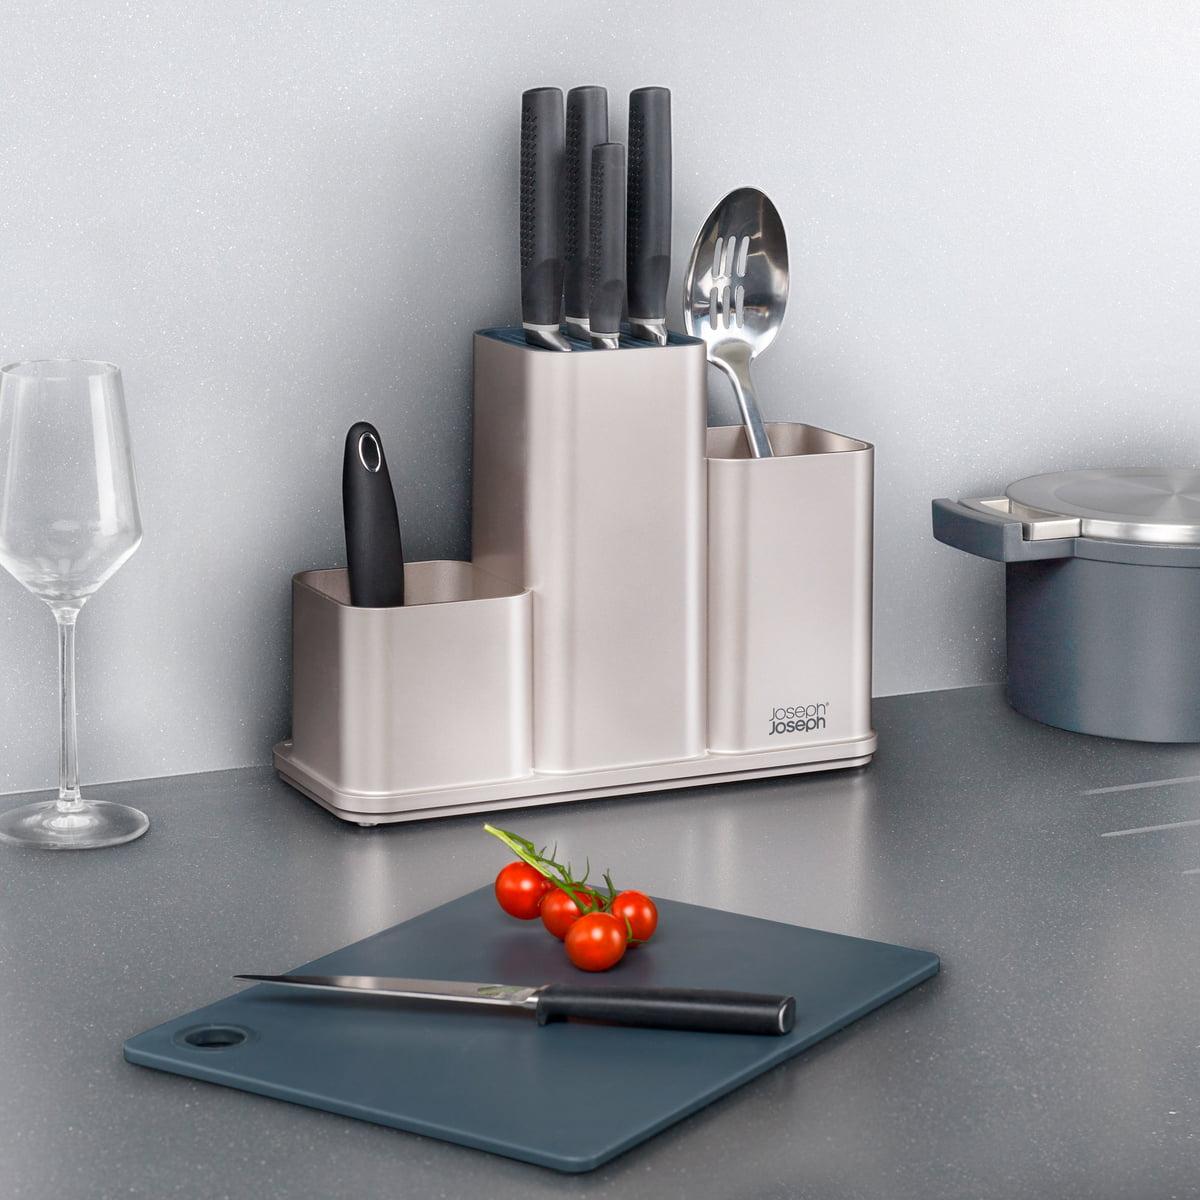 Kitchen Worktop Organiser